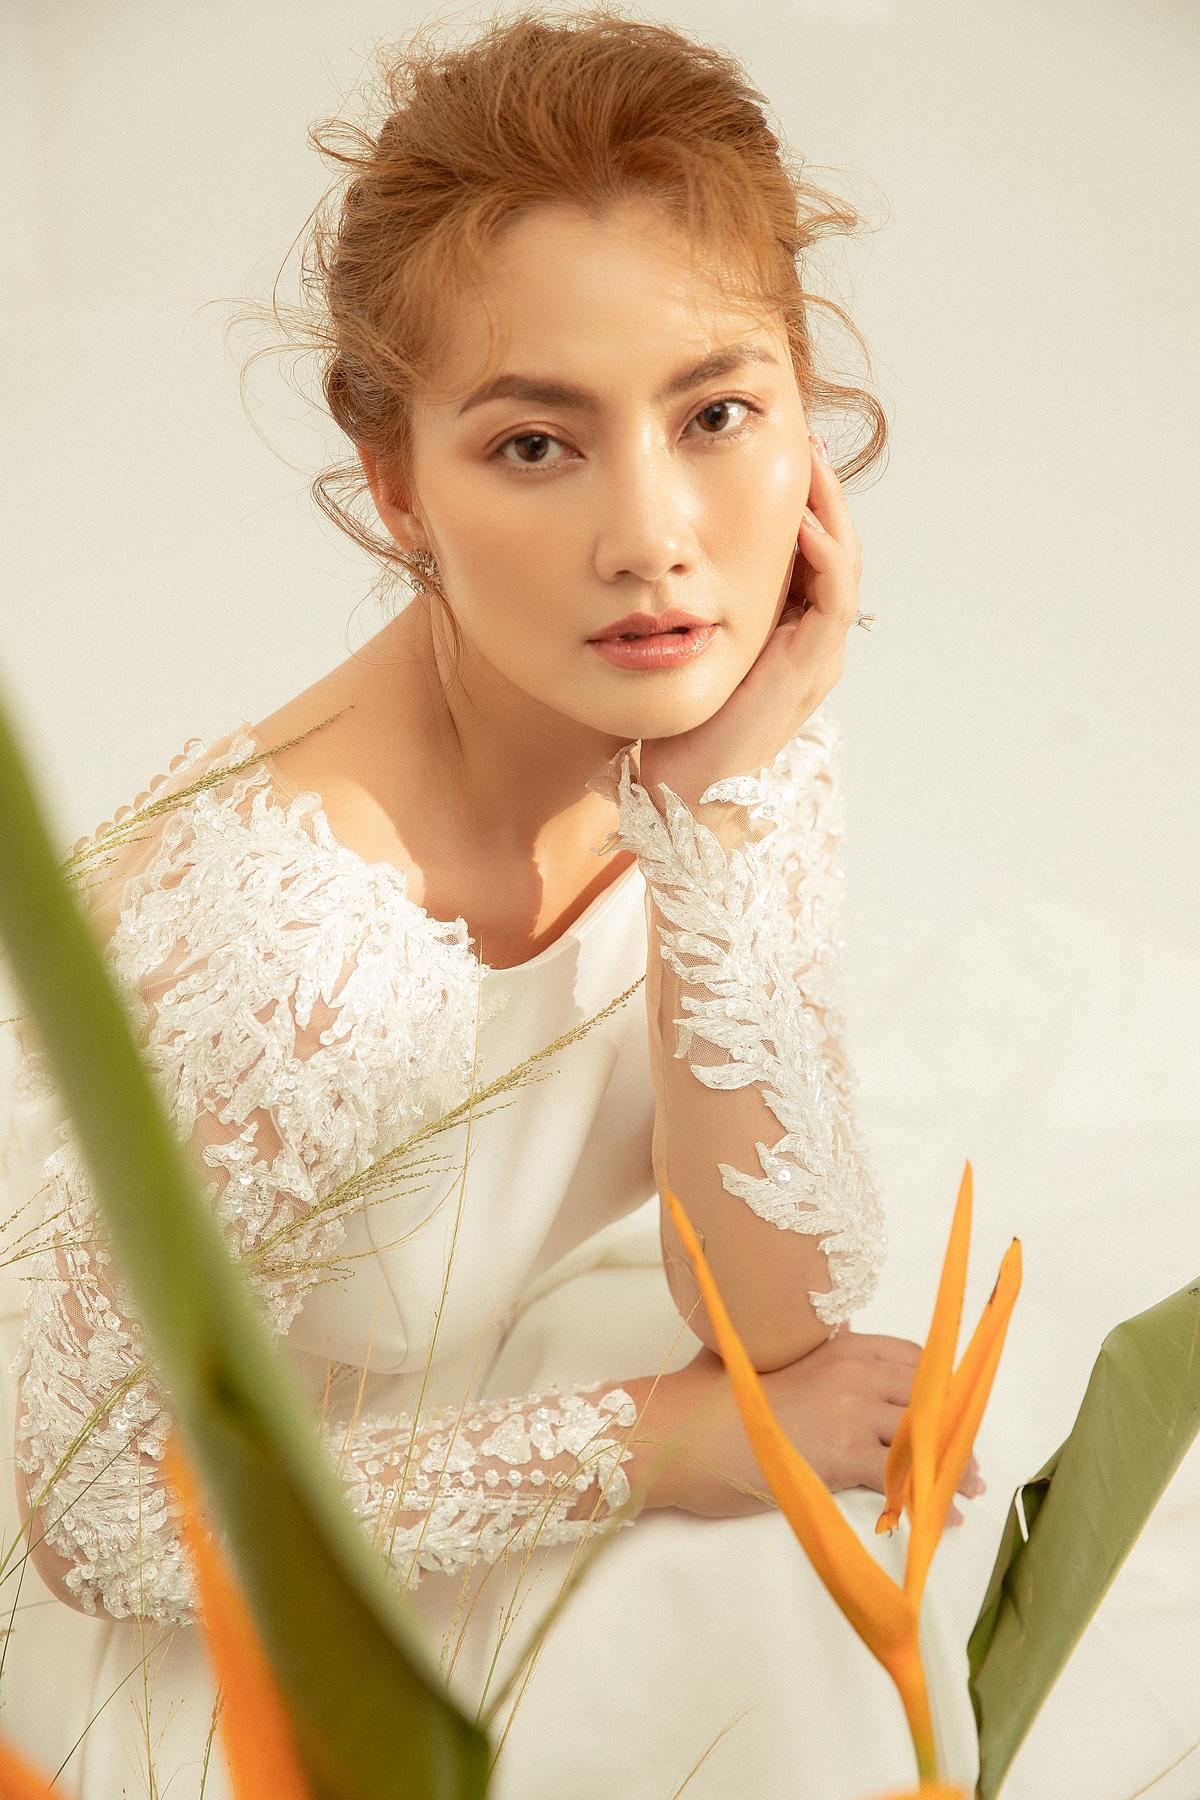 Sắc trắng vẫn luôn được các cô dâu lựa chọn khi tổ chức tiệc cưới bởi nó phù hợp với mọi không gian tổ chức